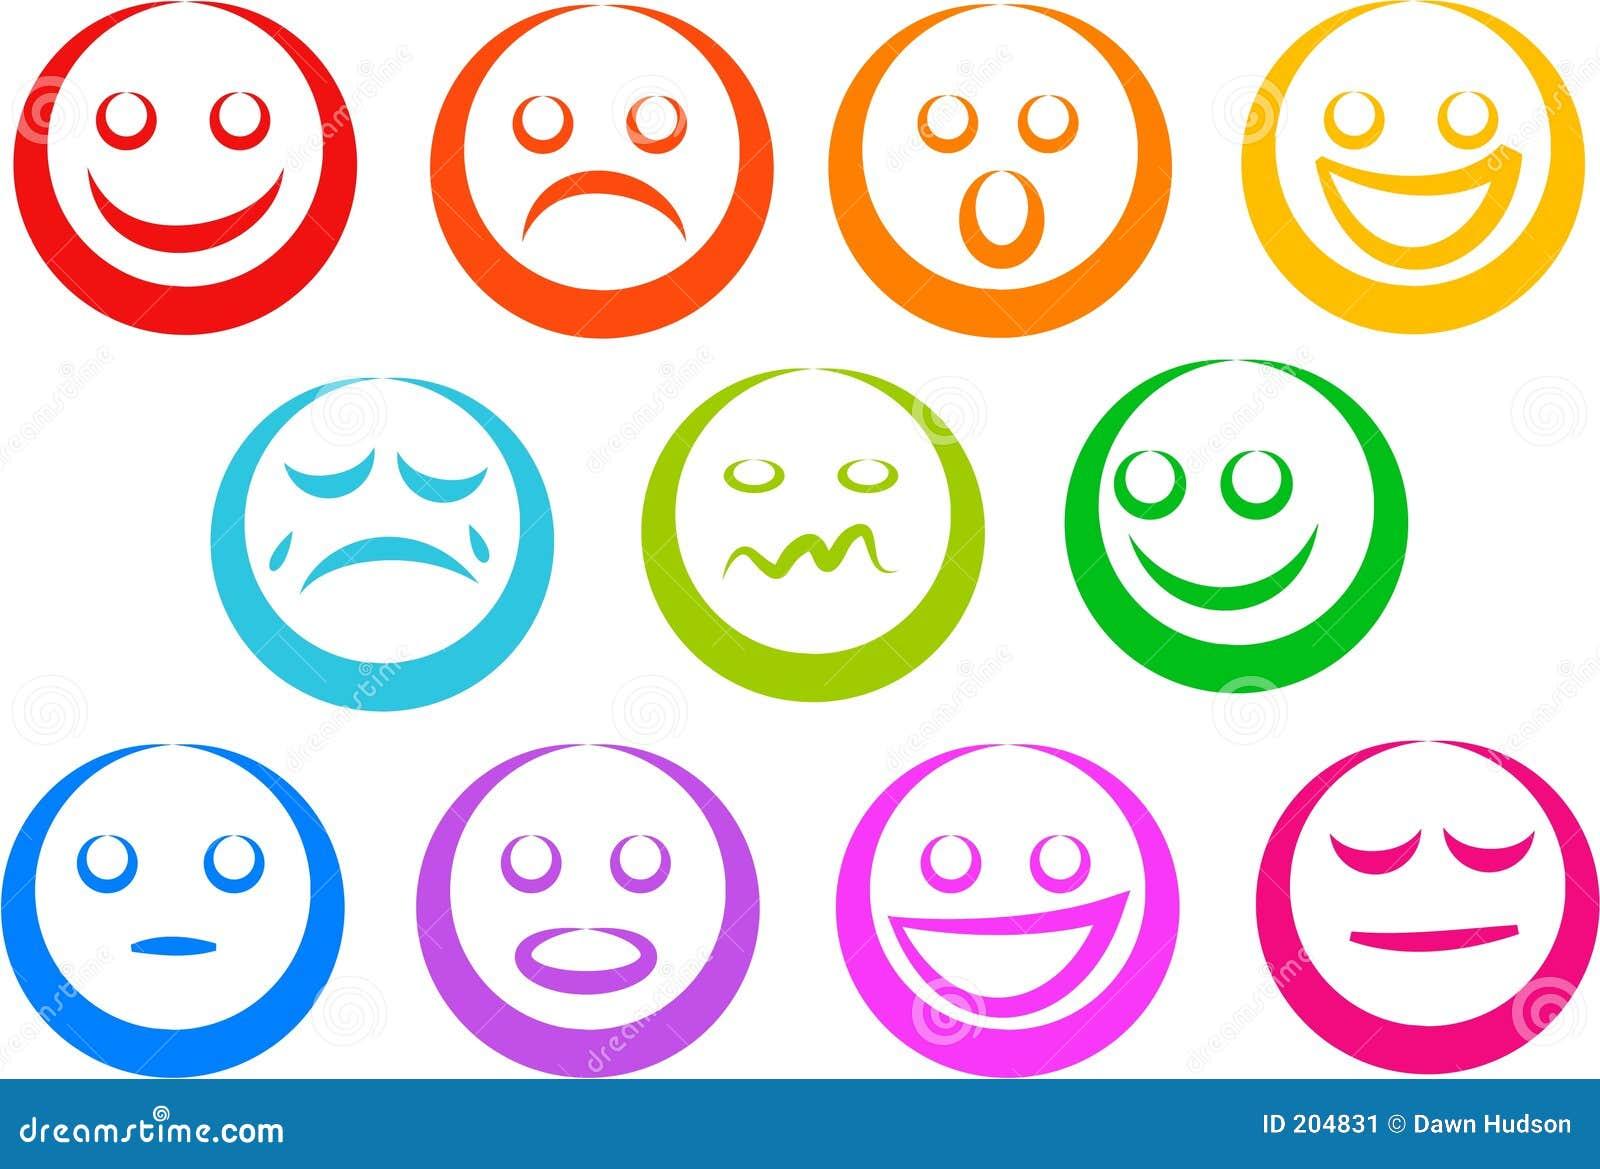 Emotion Icons emotion icons stock image - image: 204831